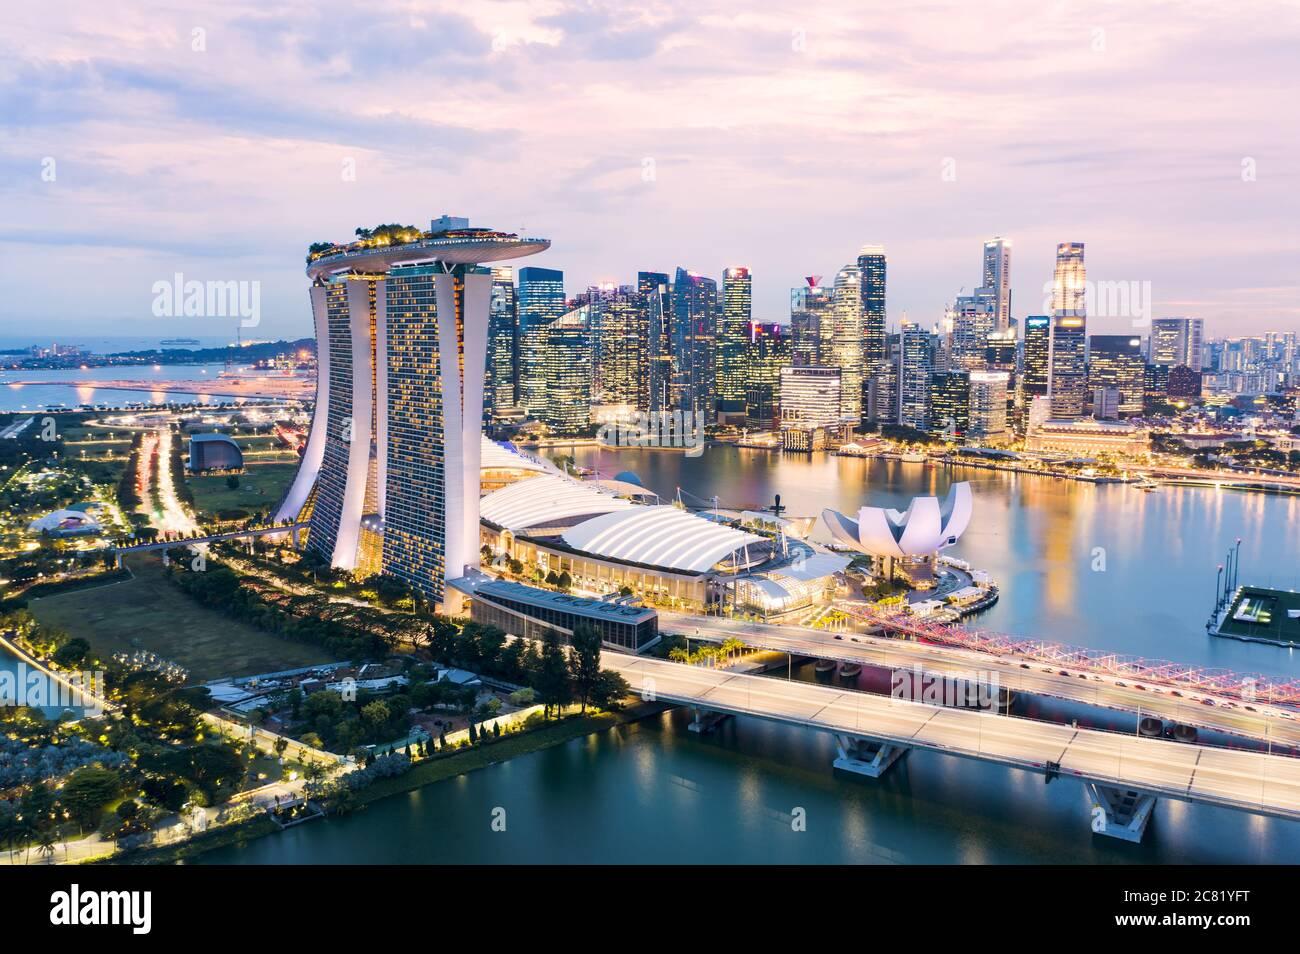 Vue d'en haut, vue aérienne stupéfiante sur la ville de Singapour pendant un beau coucher de soleil avec le quartier financier au loin. Singapour. Banque D'Images